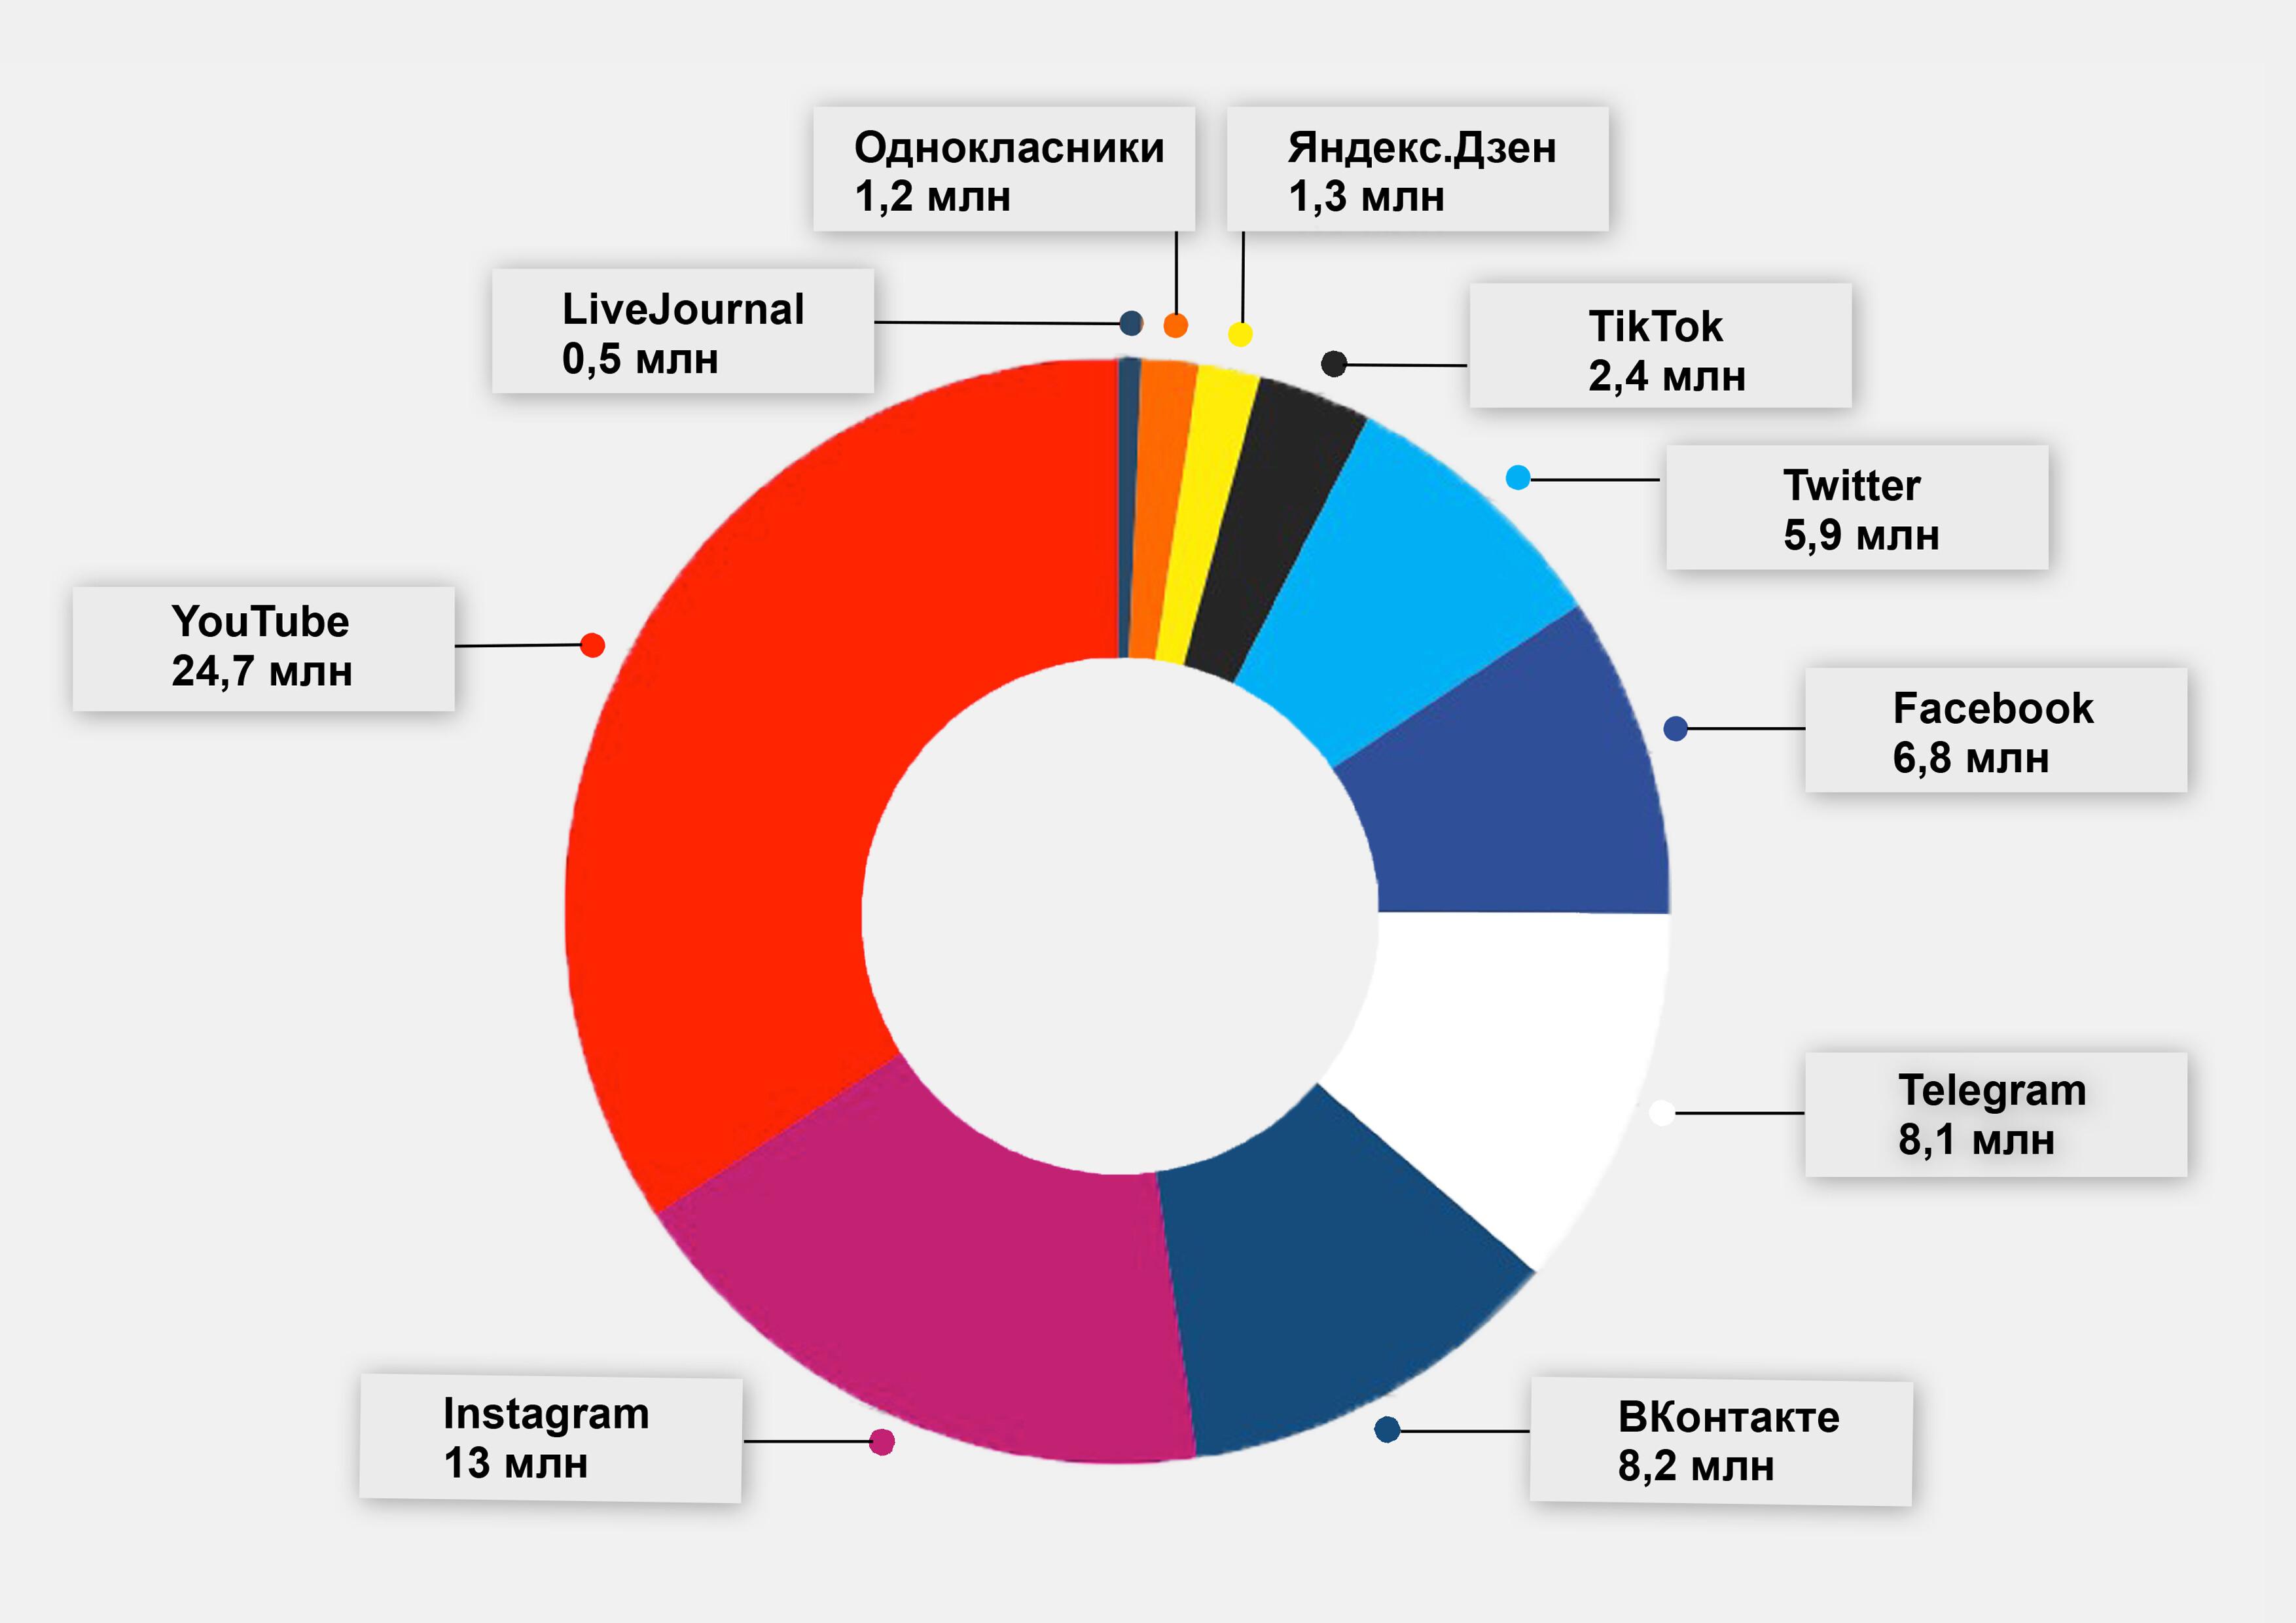 Статистика социальных сетей за 2019 год